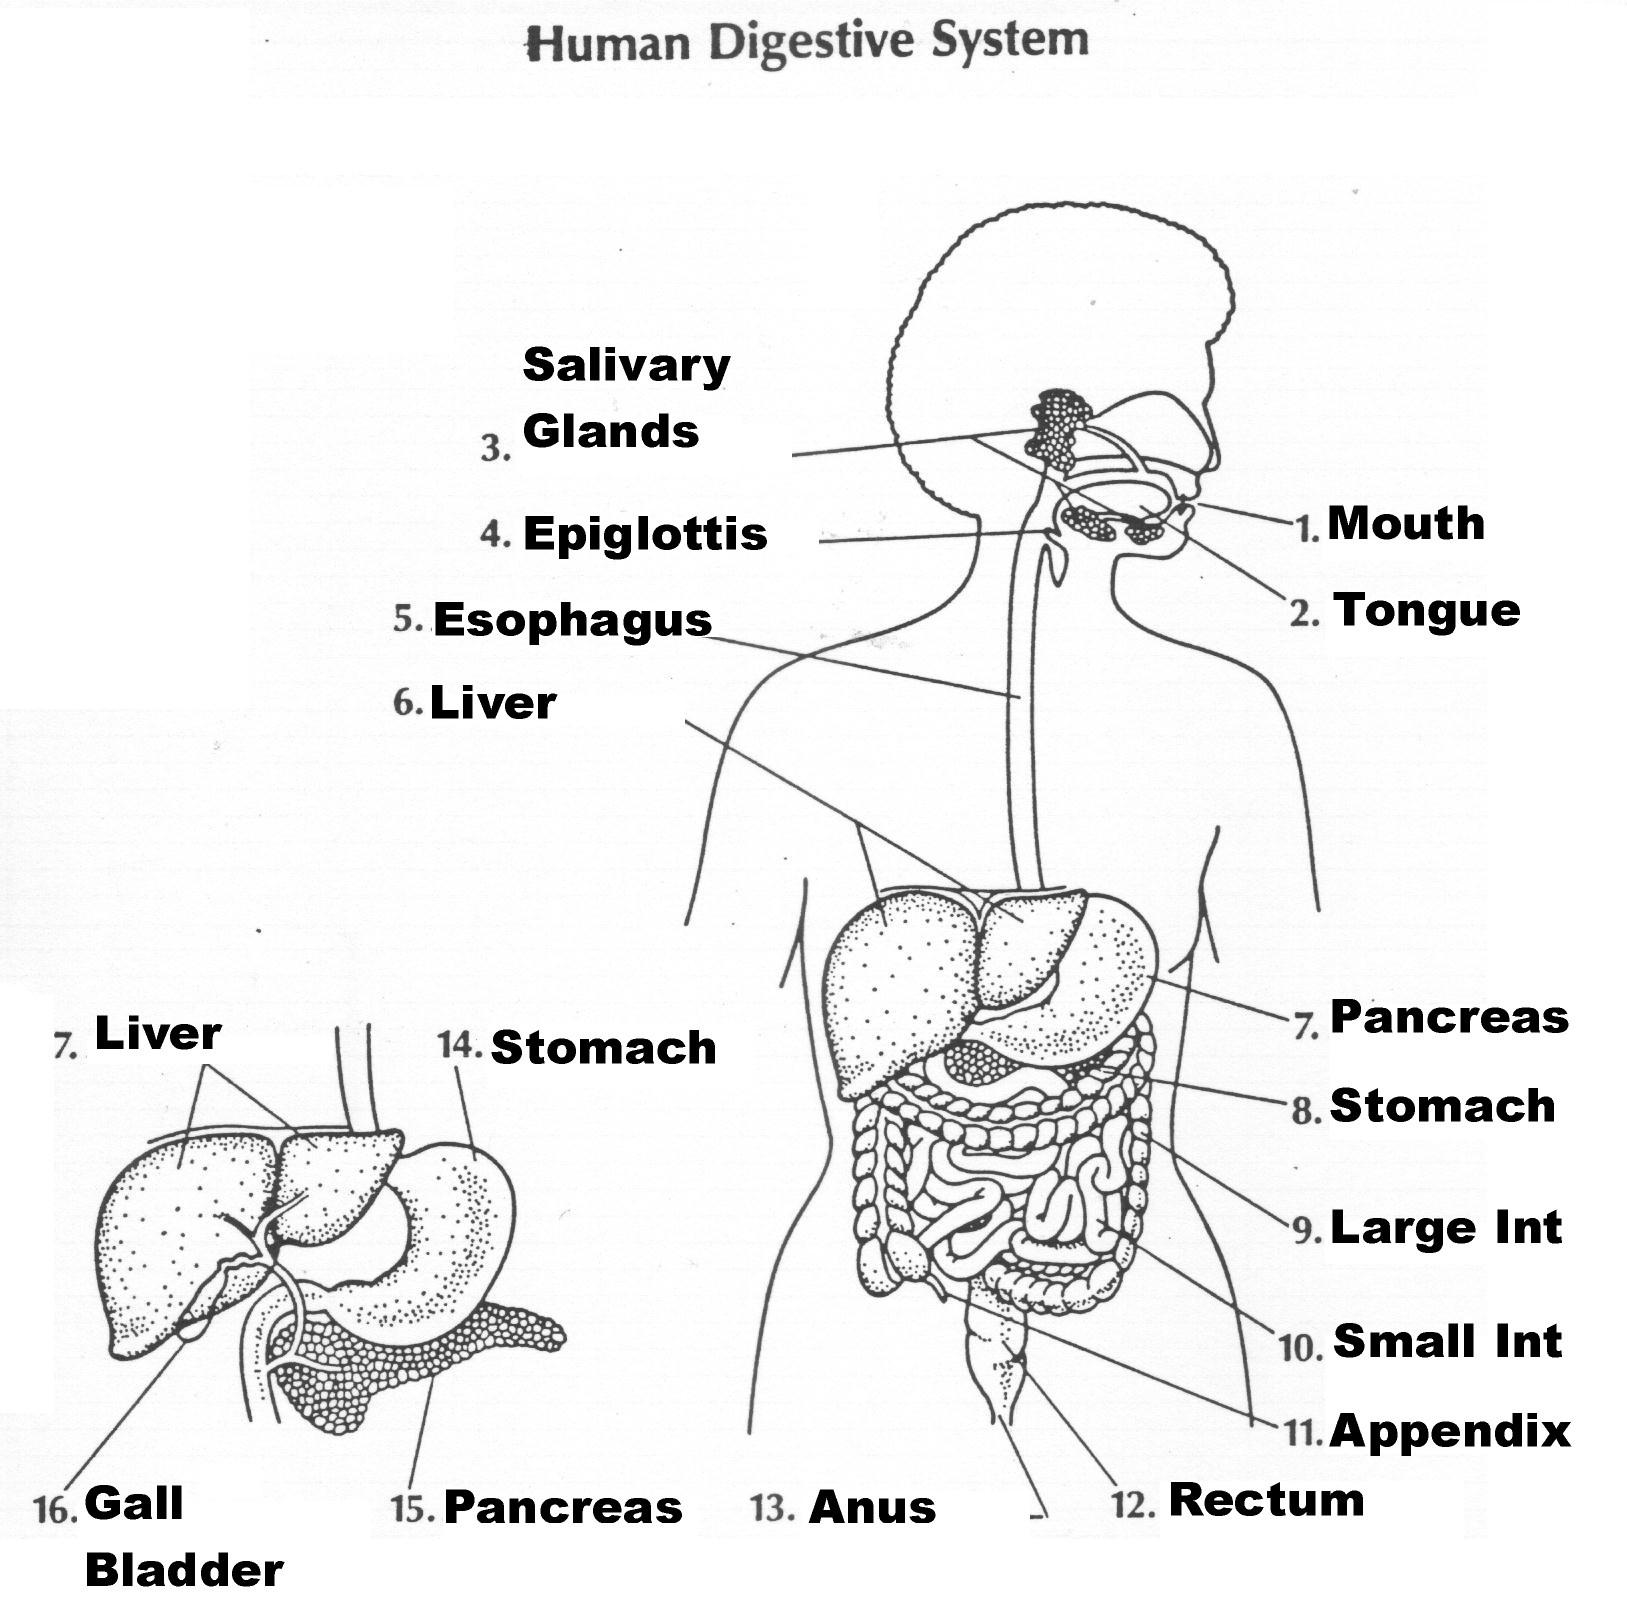 Digestive System Diagram Worksheet Unlabeled Diagram Of The Human Digestive System Drawing Human